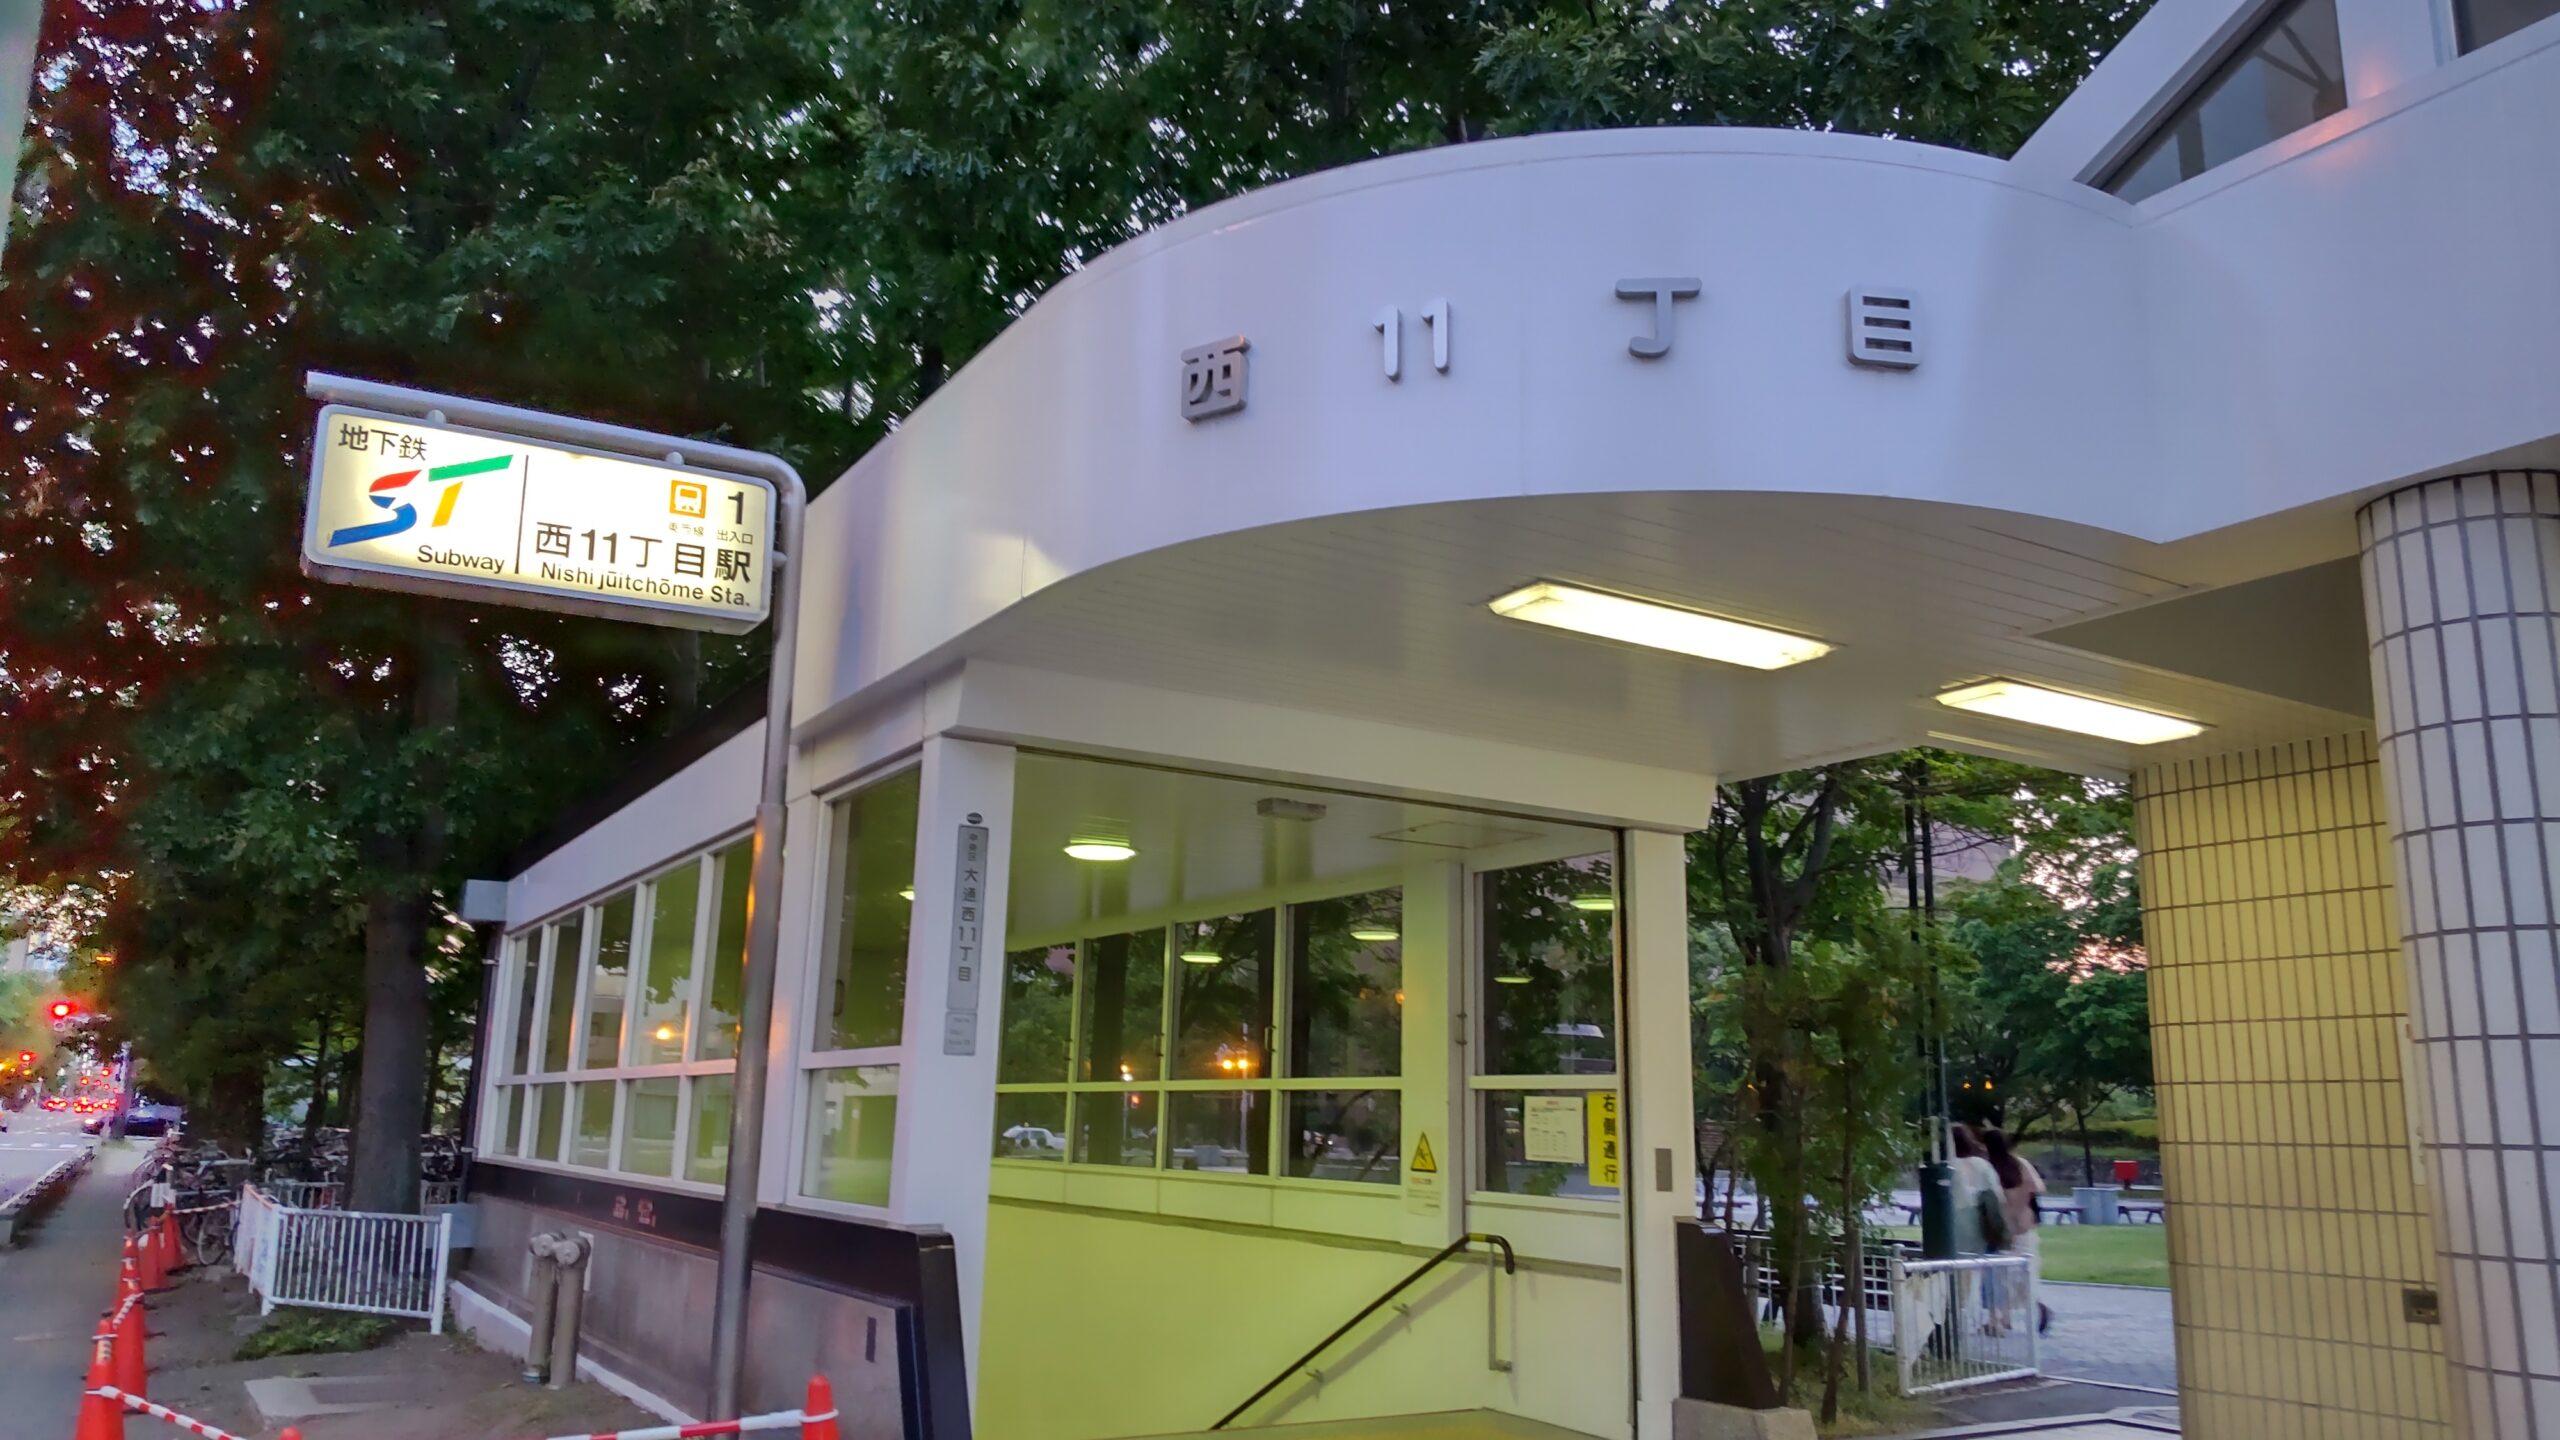 札幌市営地下鉄東西線「西11丁目駅」